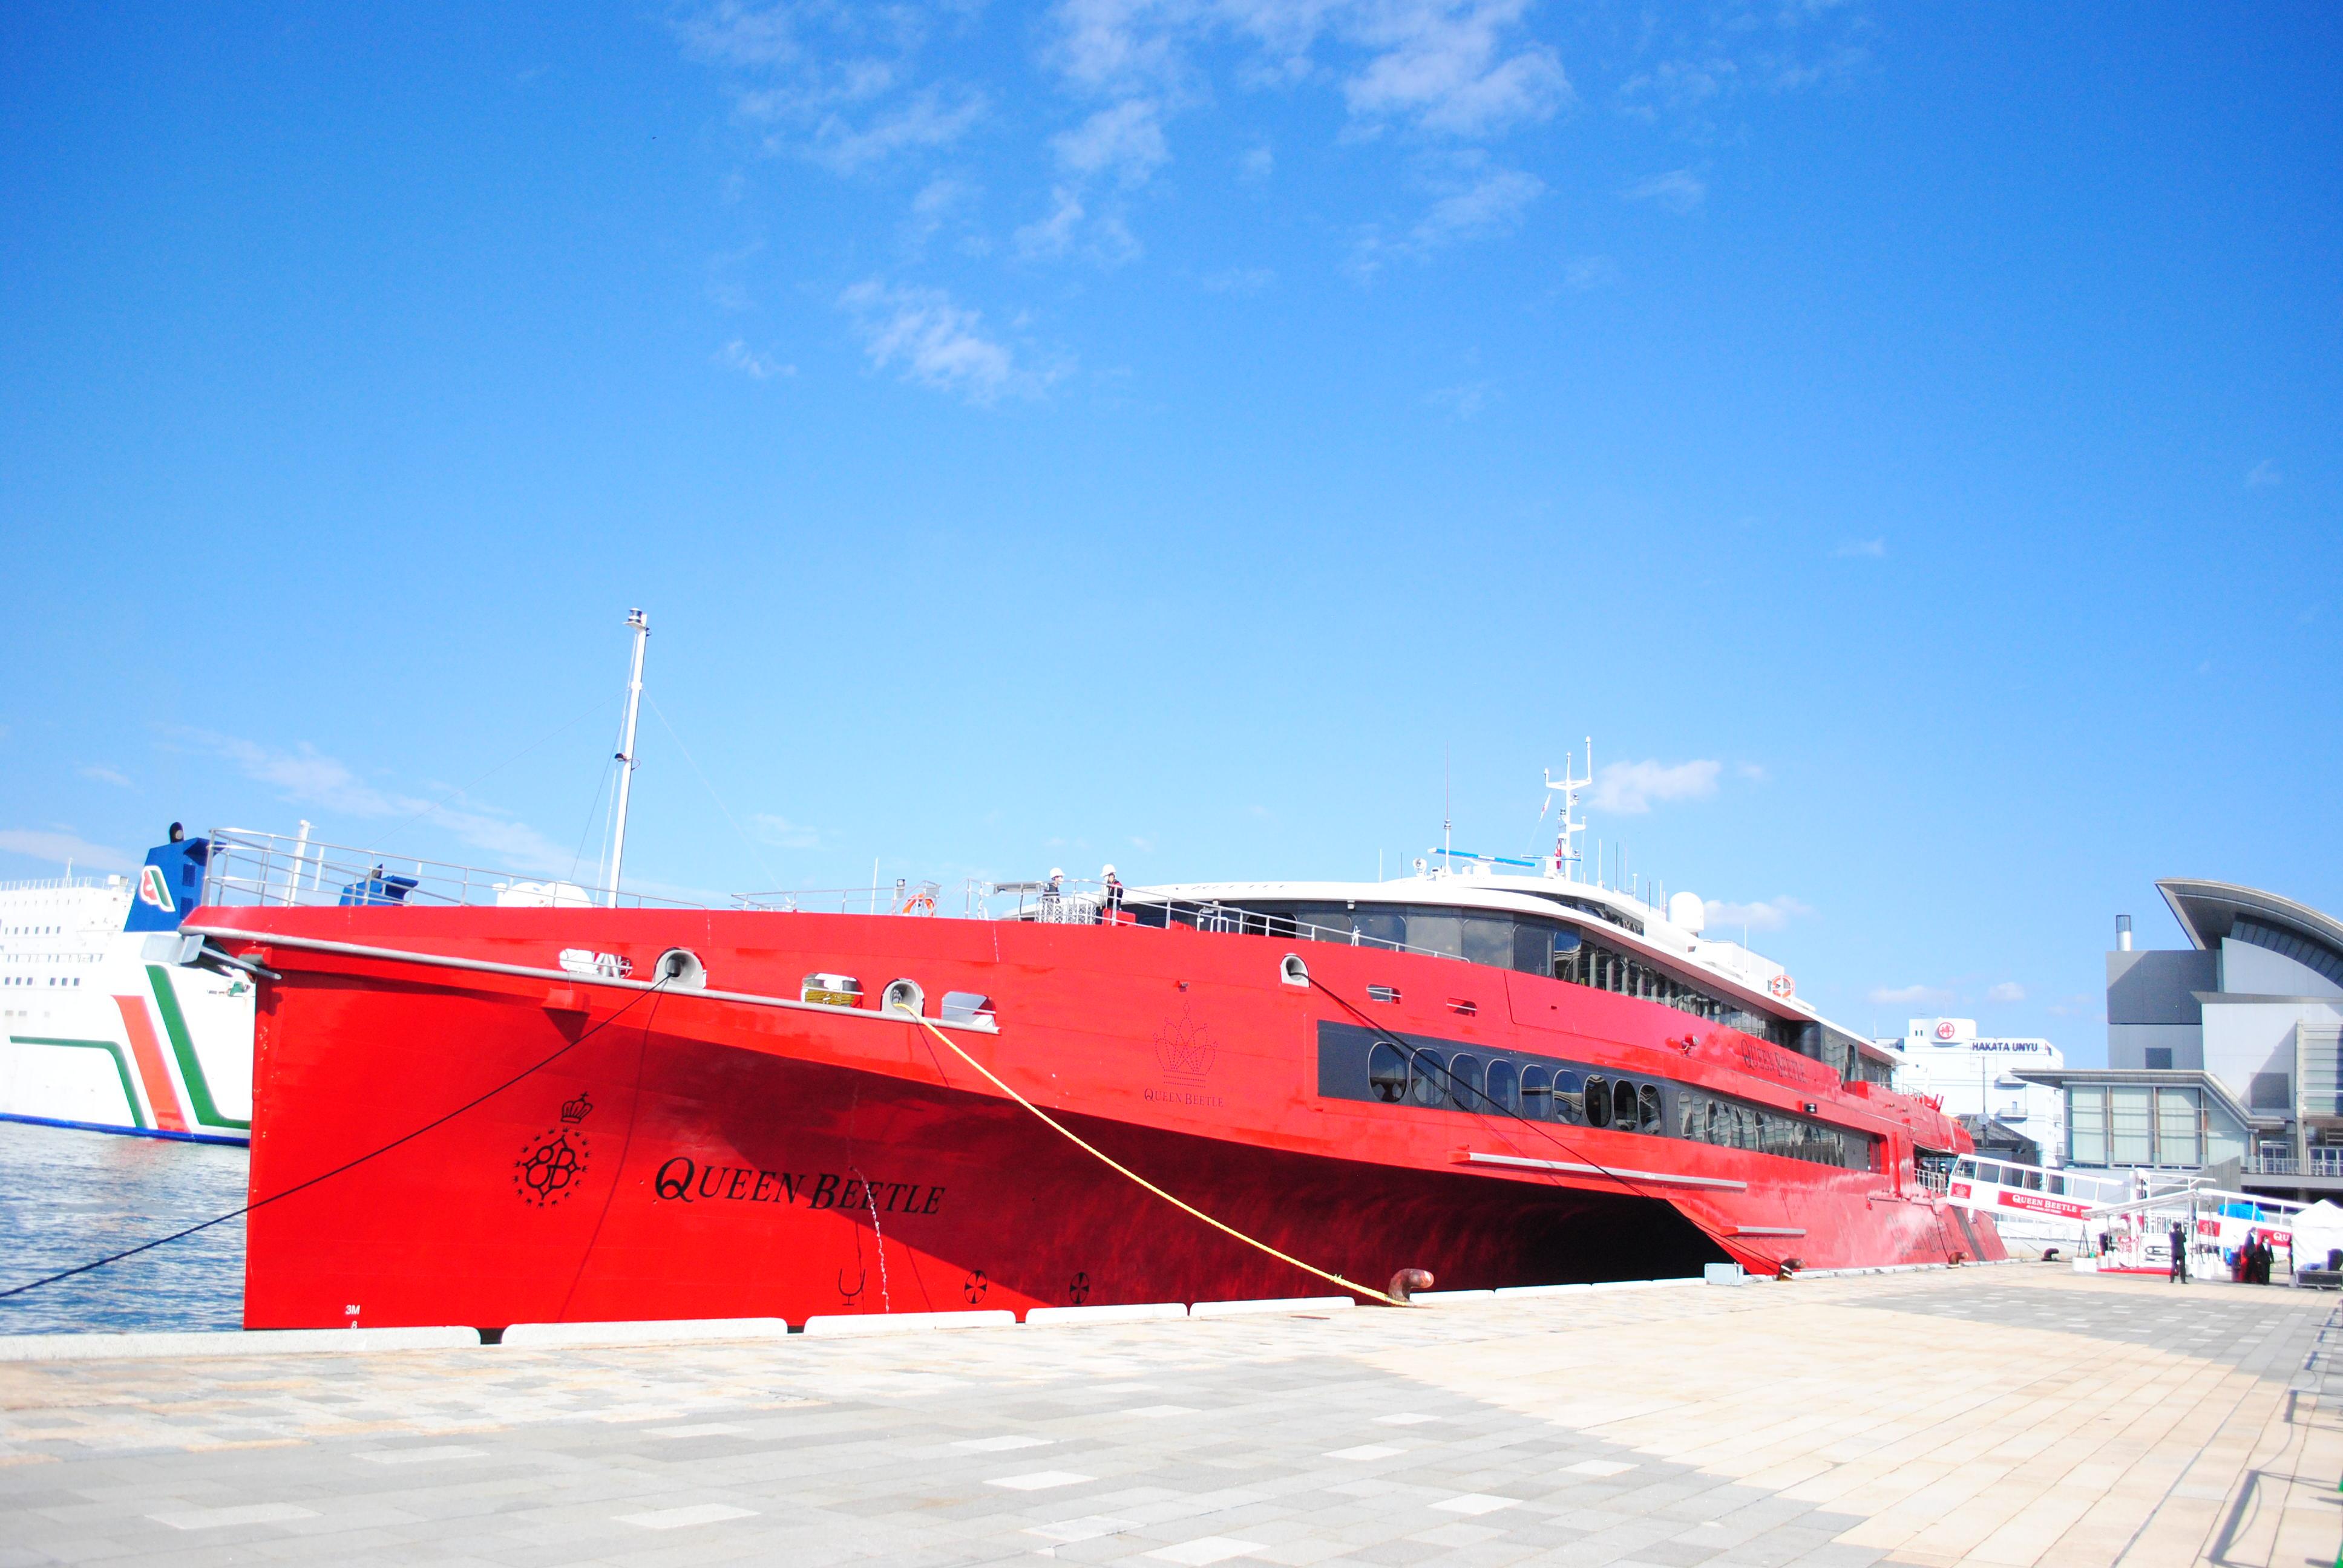 世界初の80m級のトリマラン(三胴船)「QUEEN BEETLE(クイーンビートル)」は、全長83.5m、定員は502名